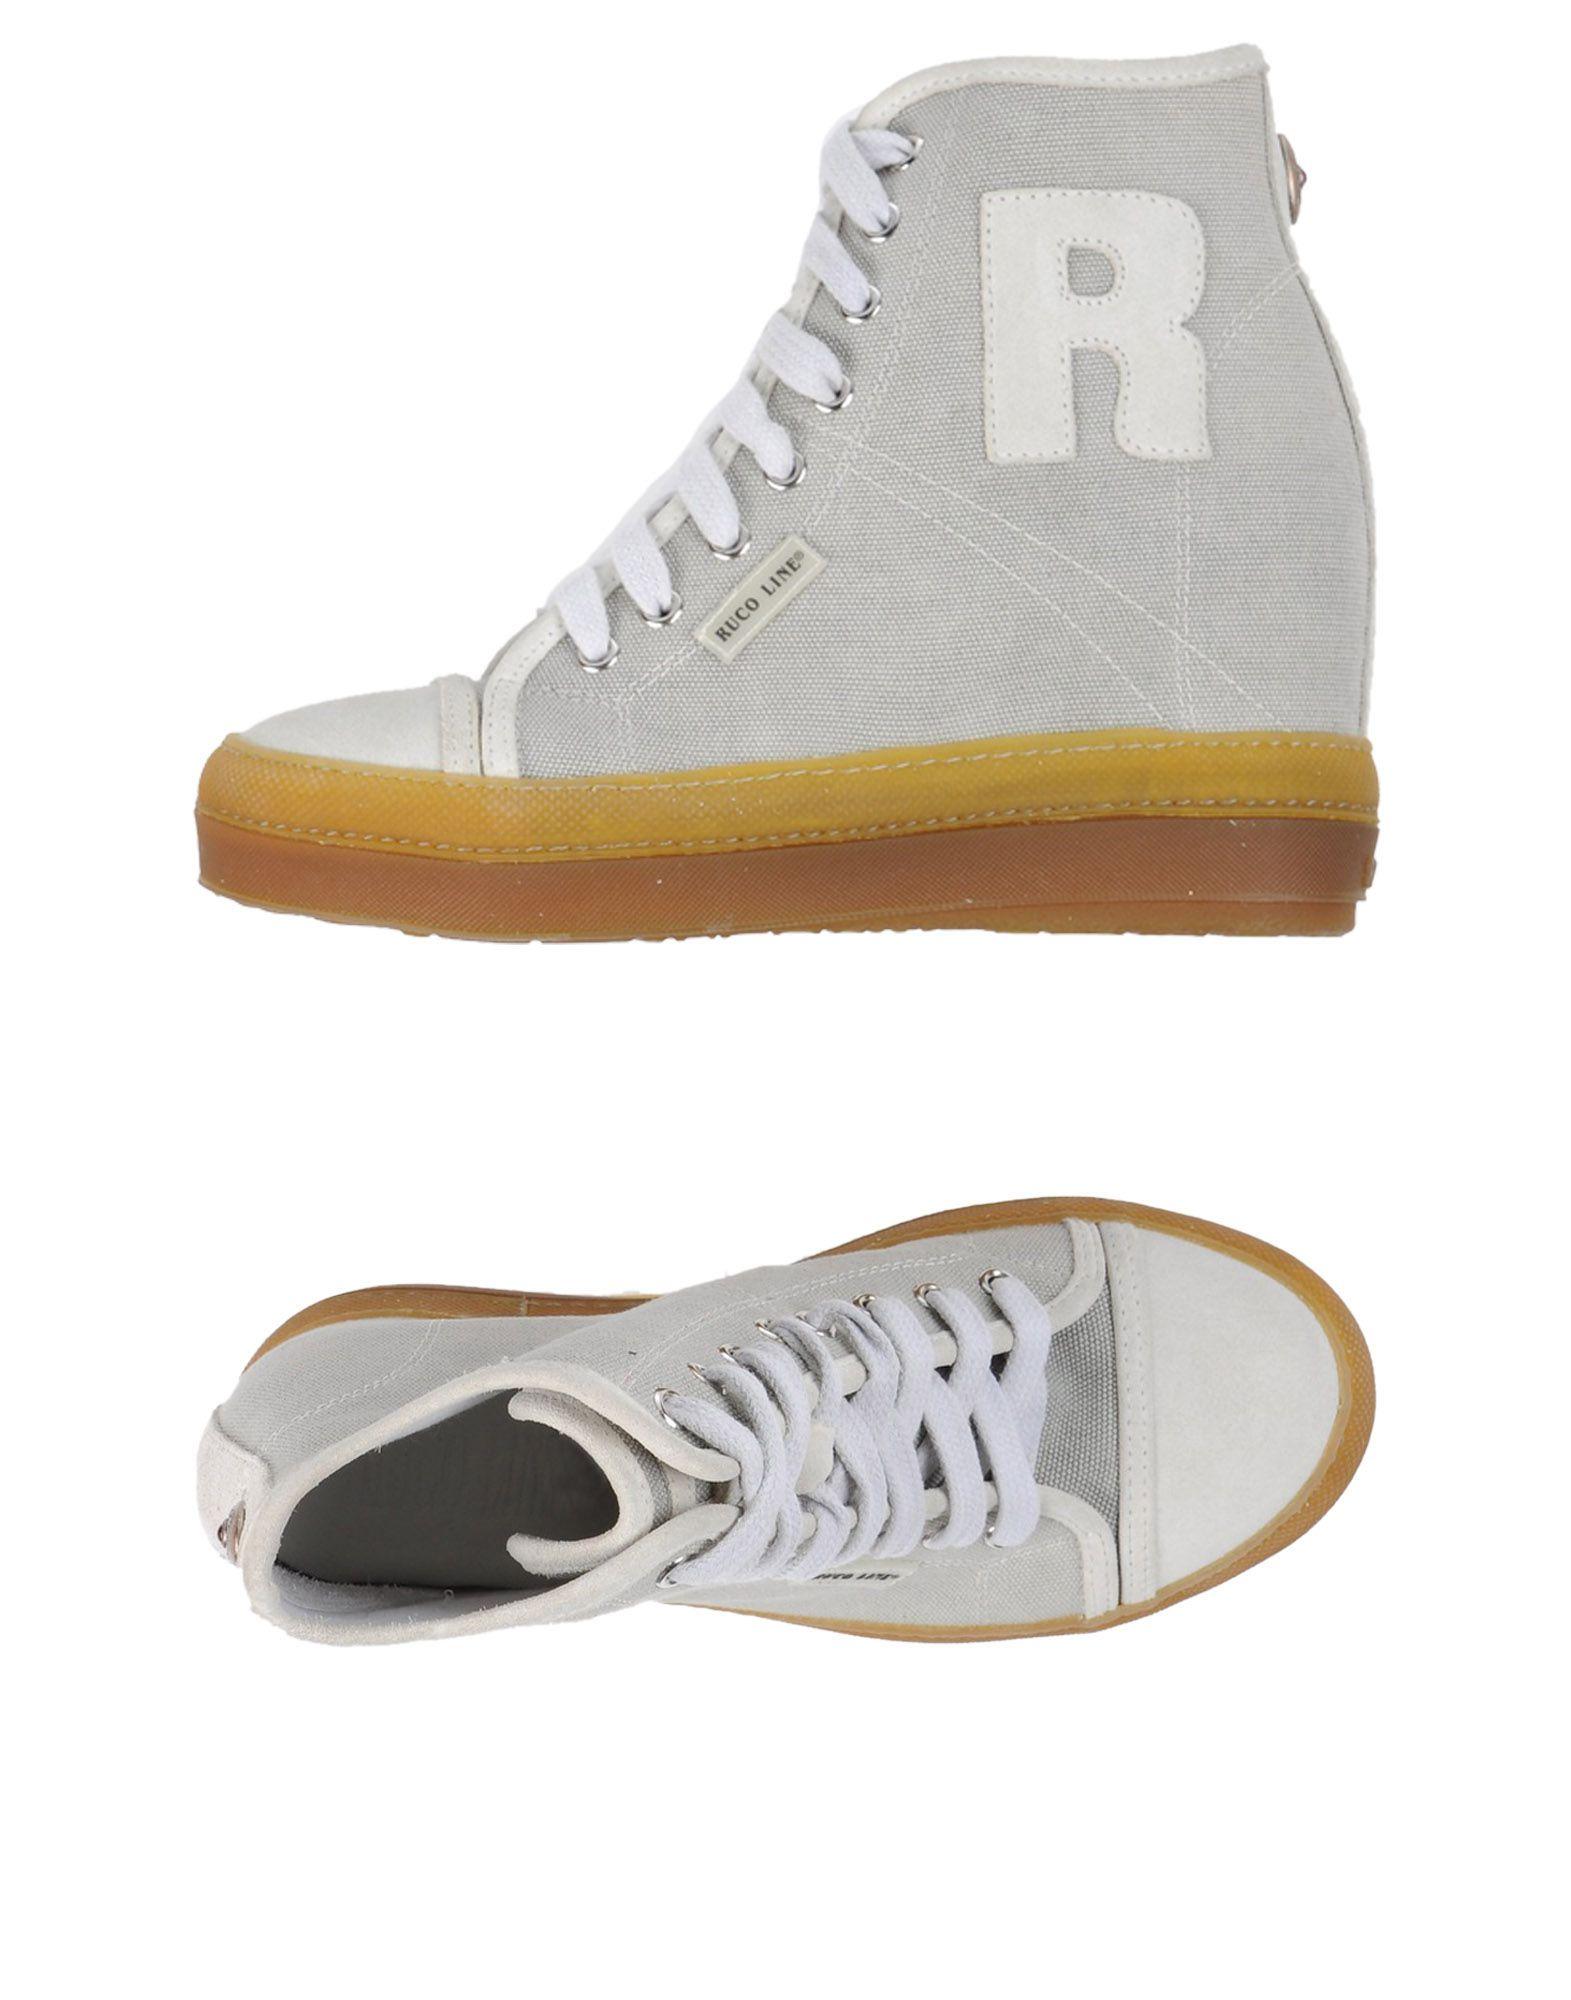 RUCO LINE Damen High Sneakers & Tennisschuhe Farbe Hellgrau Größe 9 jetztbilligerkaufen